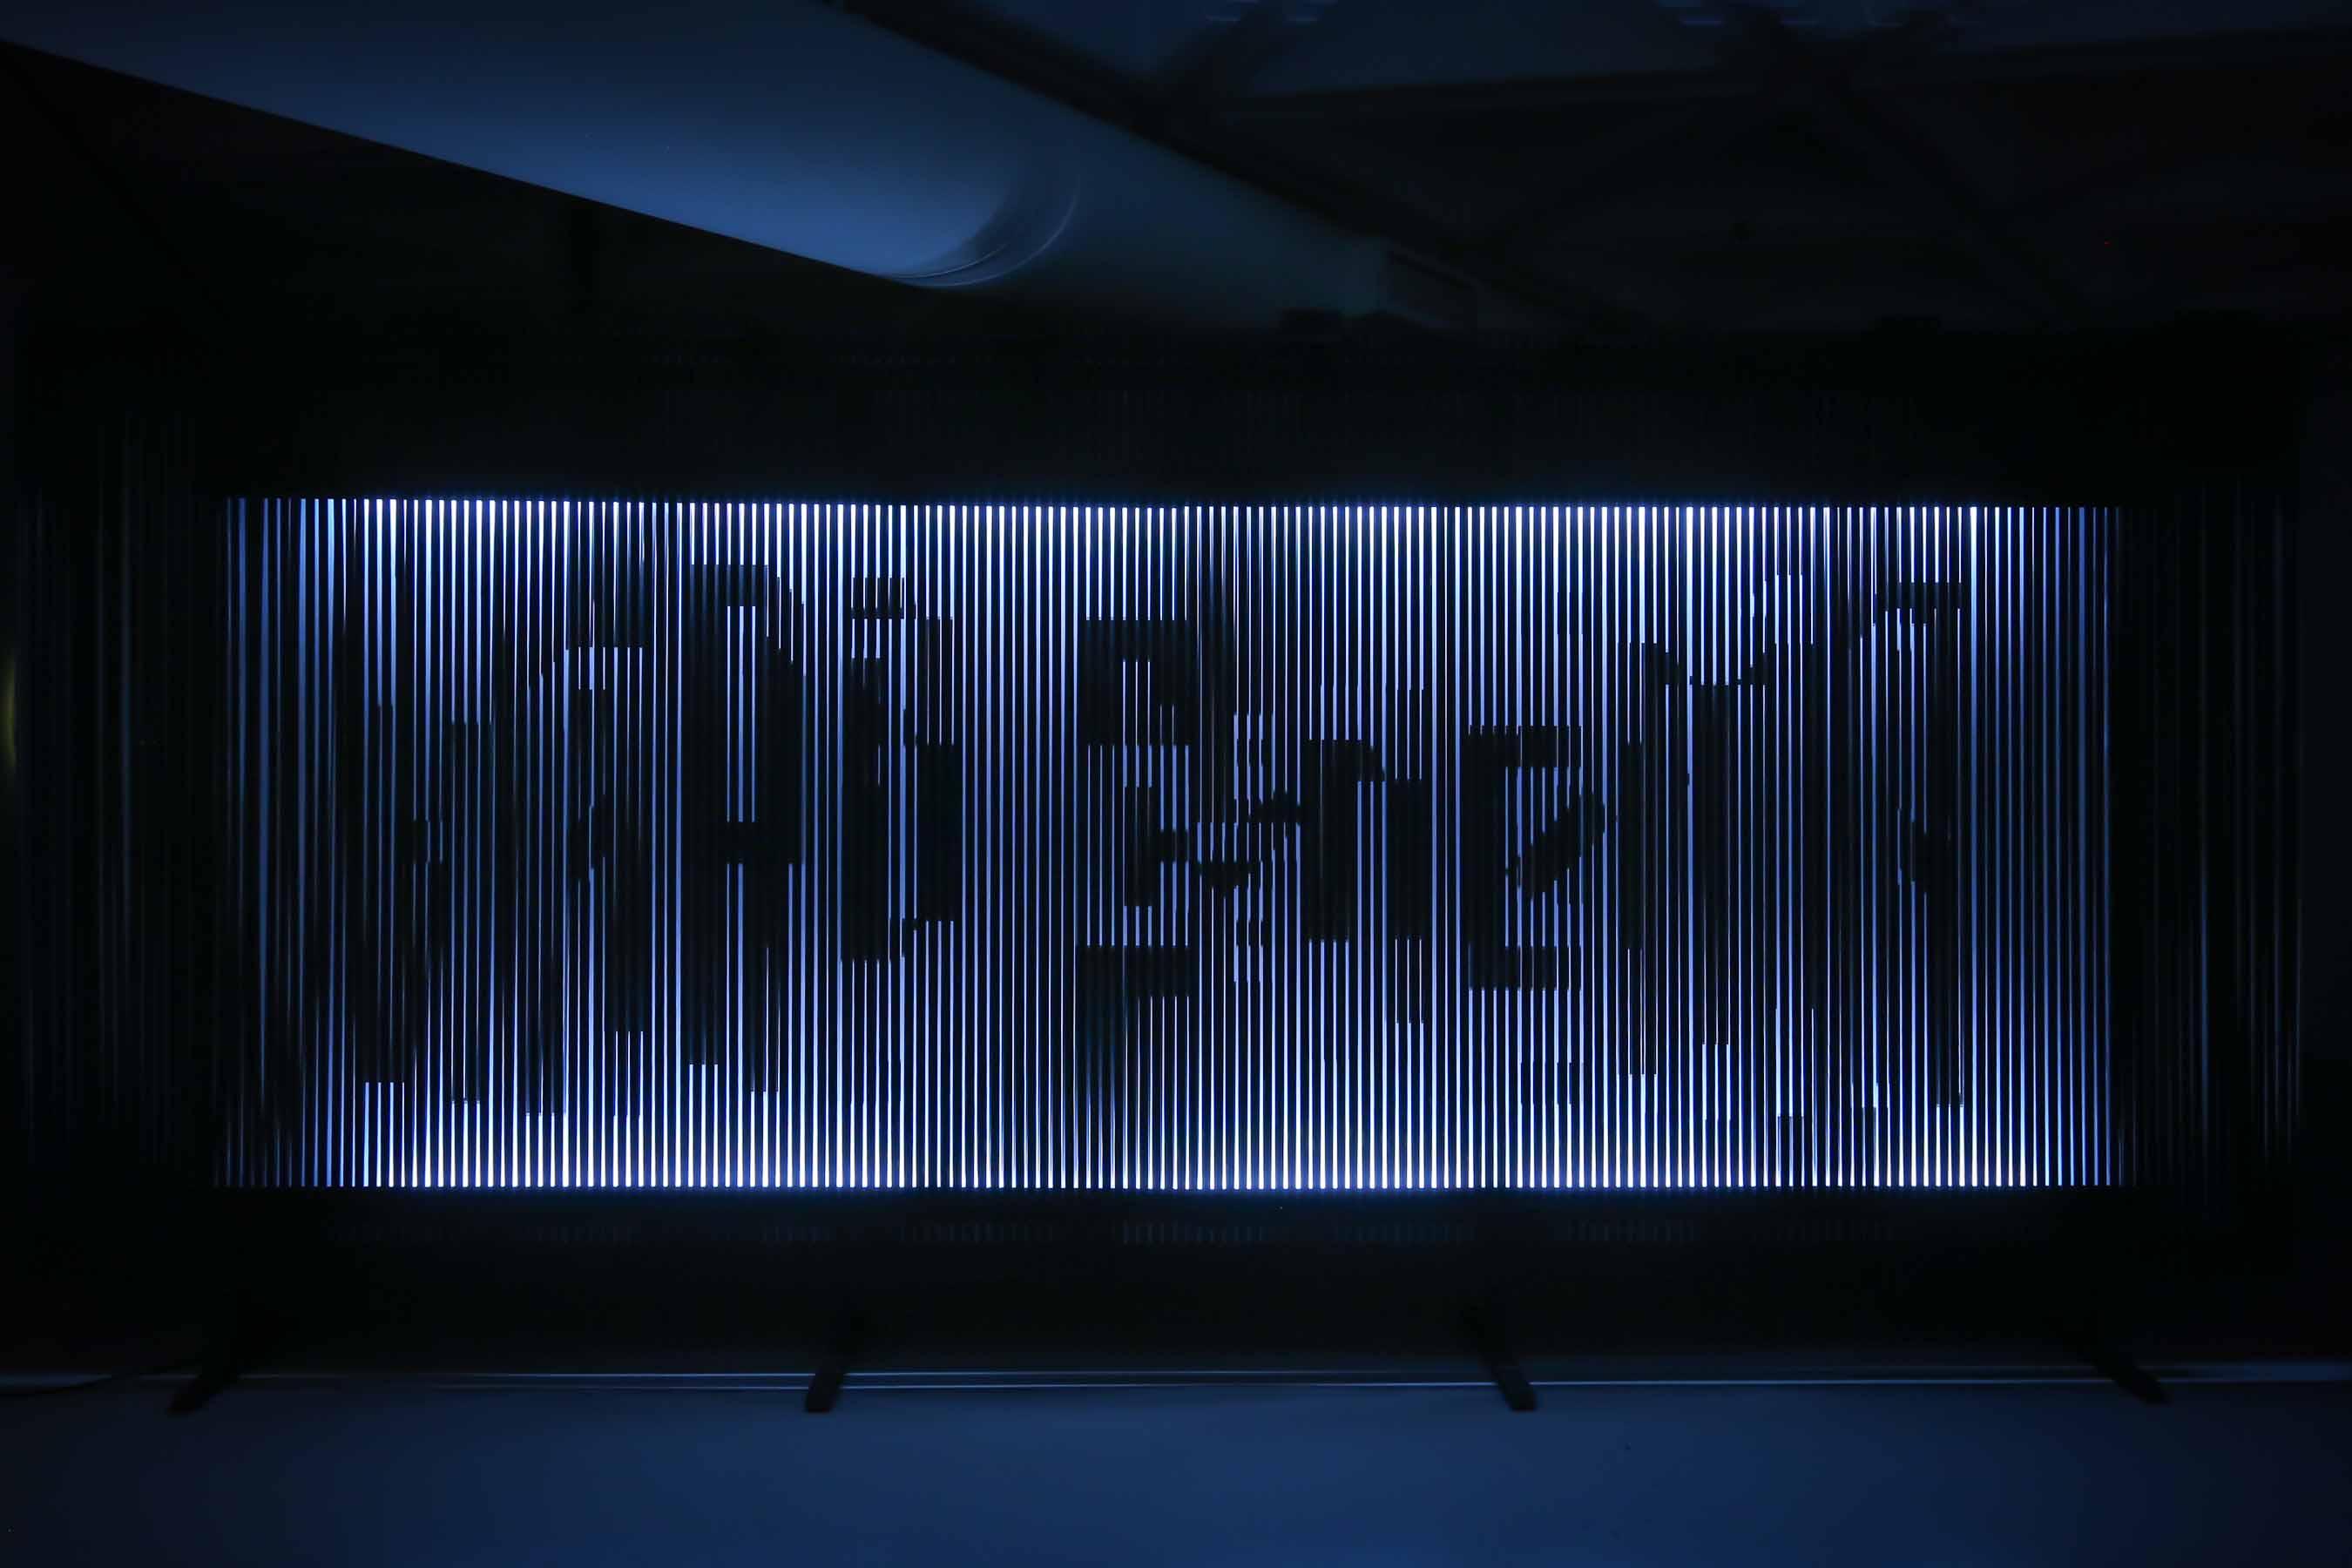 XCEED 創作的空間設計,以電影拍攝的機械學及過程為概念,回應媒體藝術展「硬電影 」的主題。